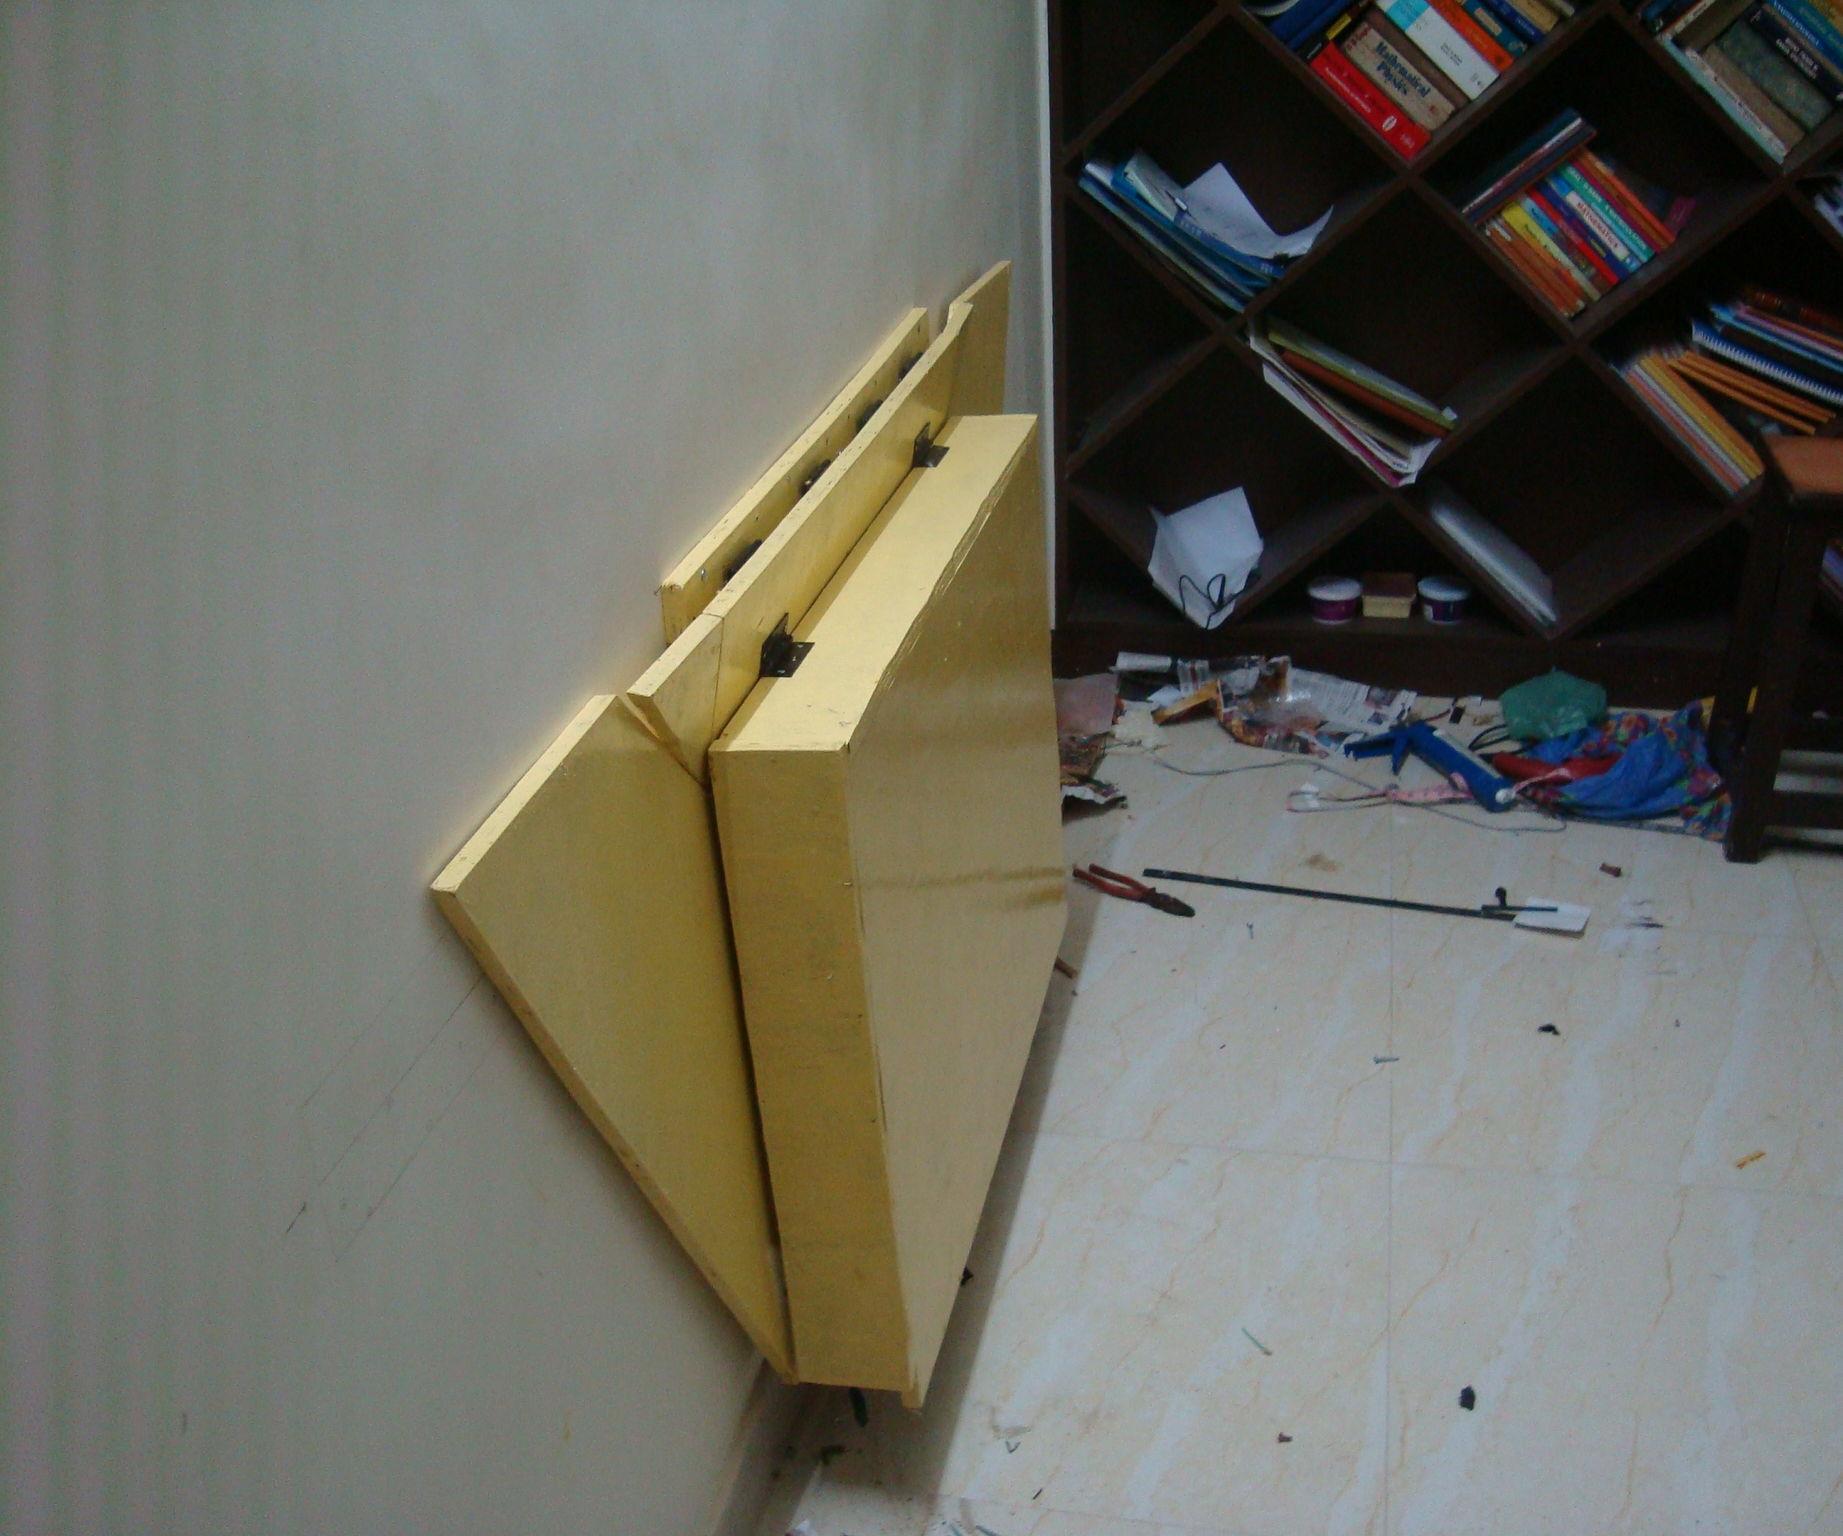 Zero-Space Flexible tool Storage Workstation - Portable or Wall mountable